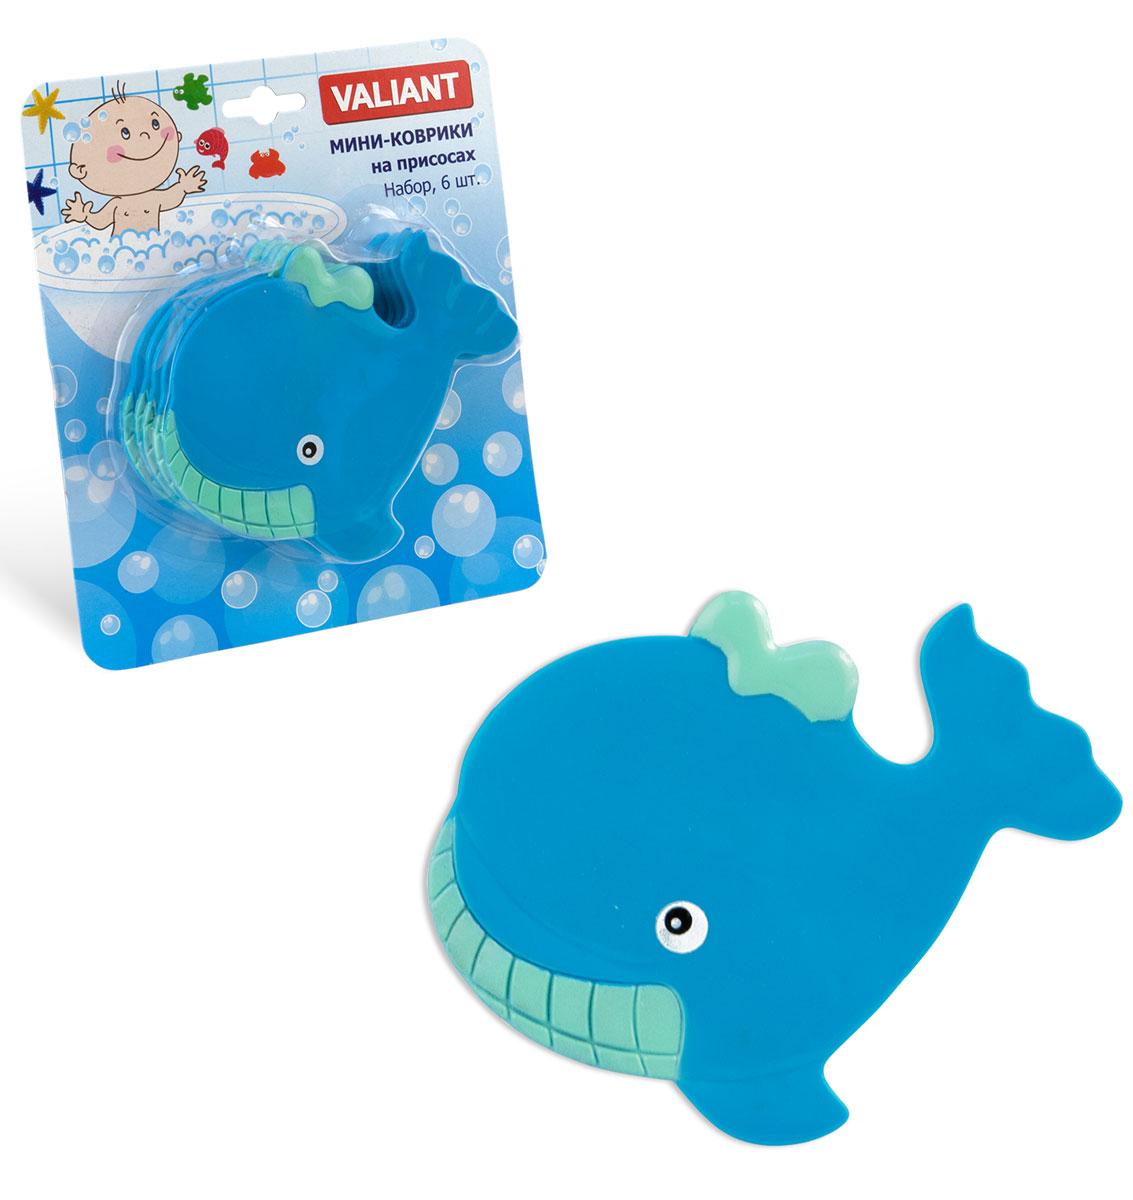 Valiant Мини-коврик для ванной комнаты Кит на присосках 6 шт